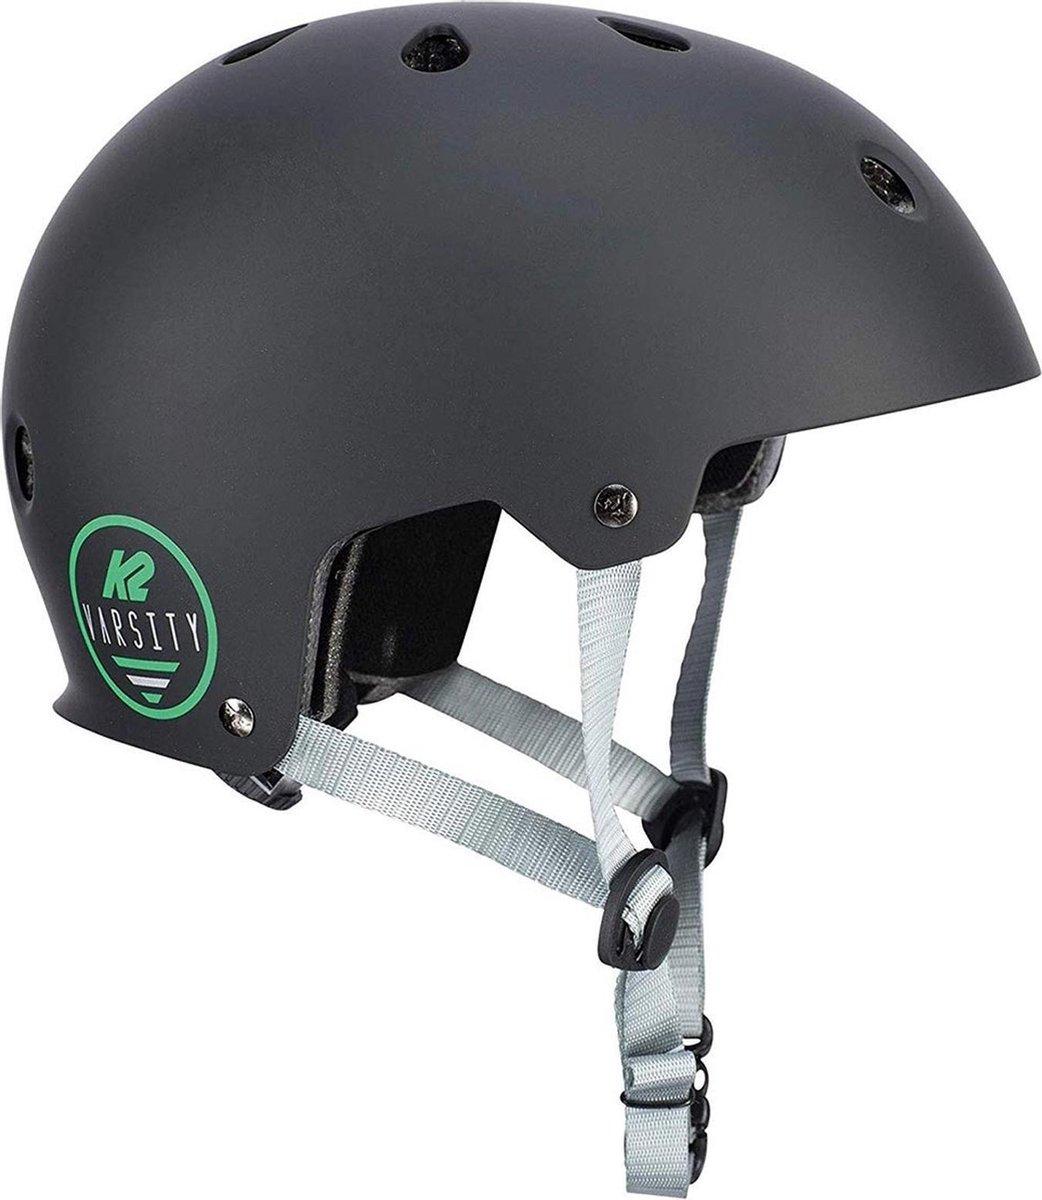 K2 Varsity Helm Sporthelm - UnisexKinderen en volwassenen - zwart